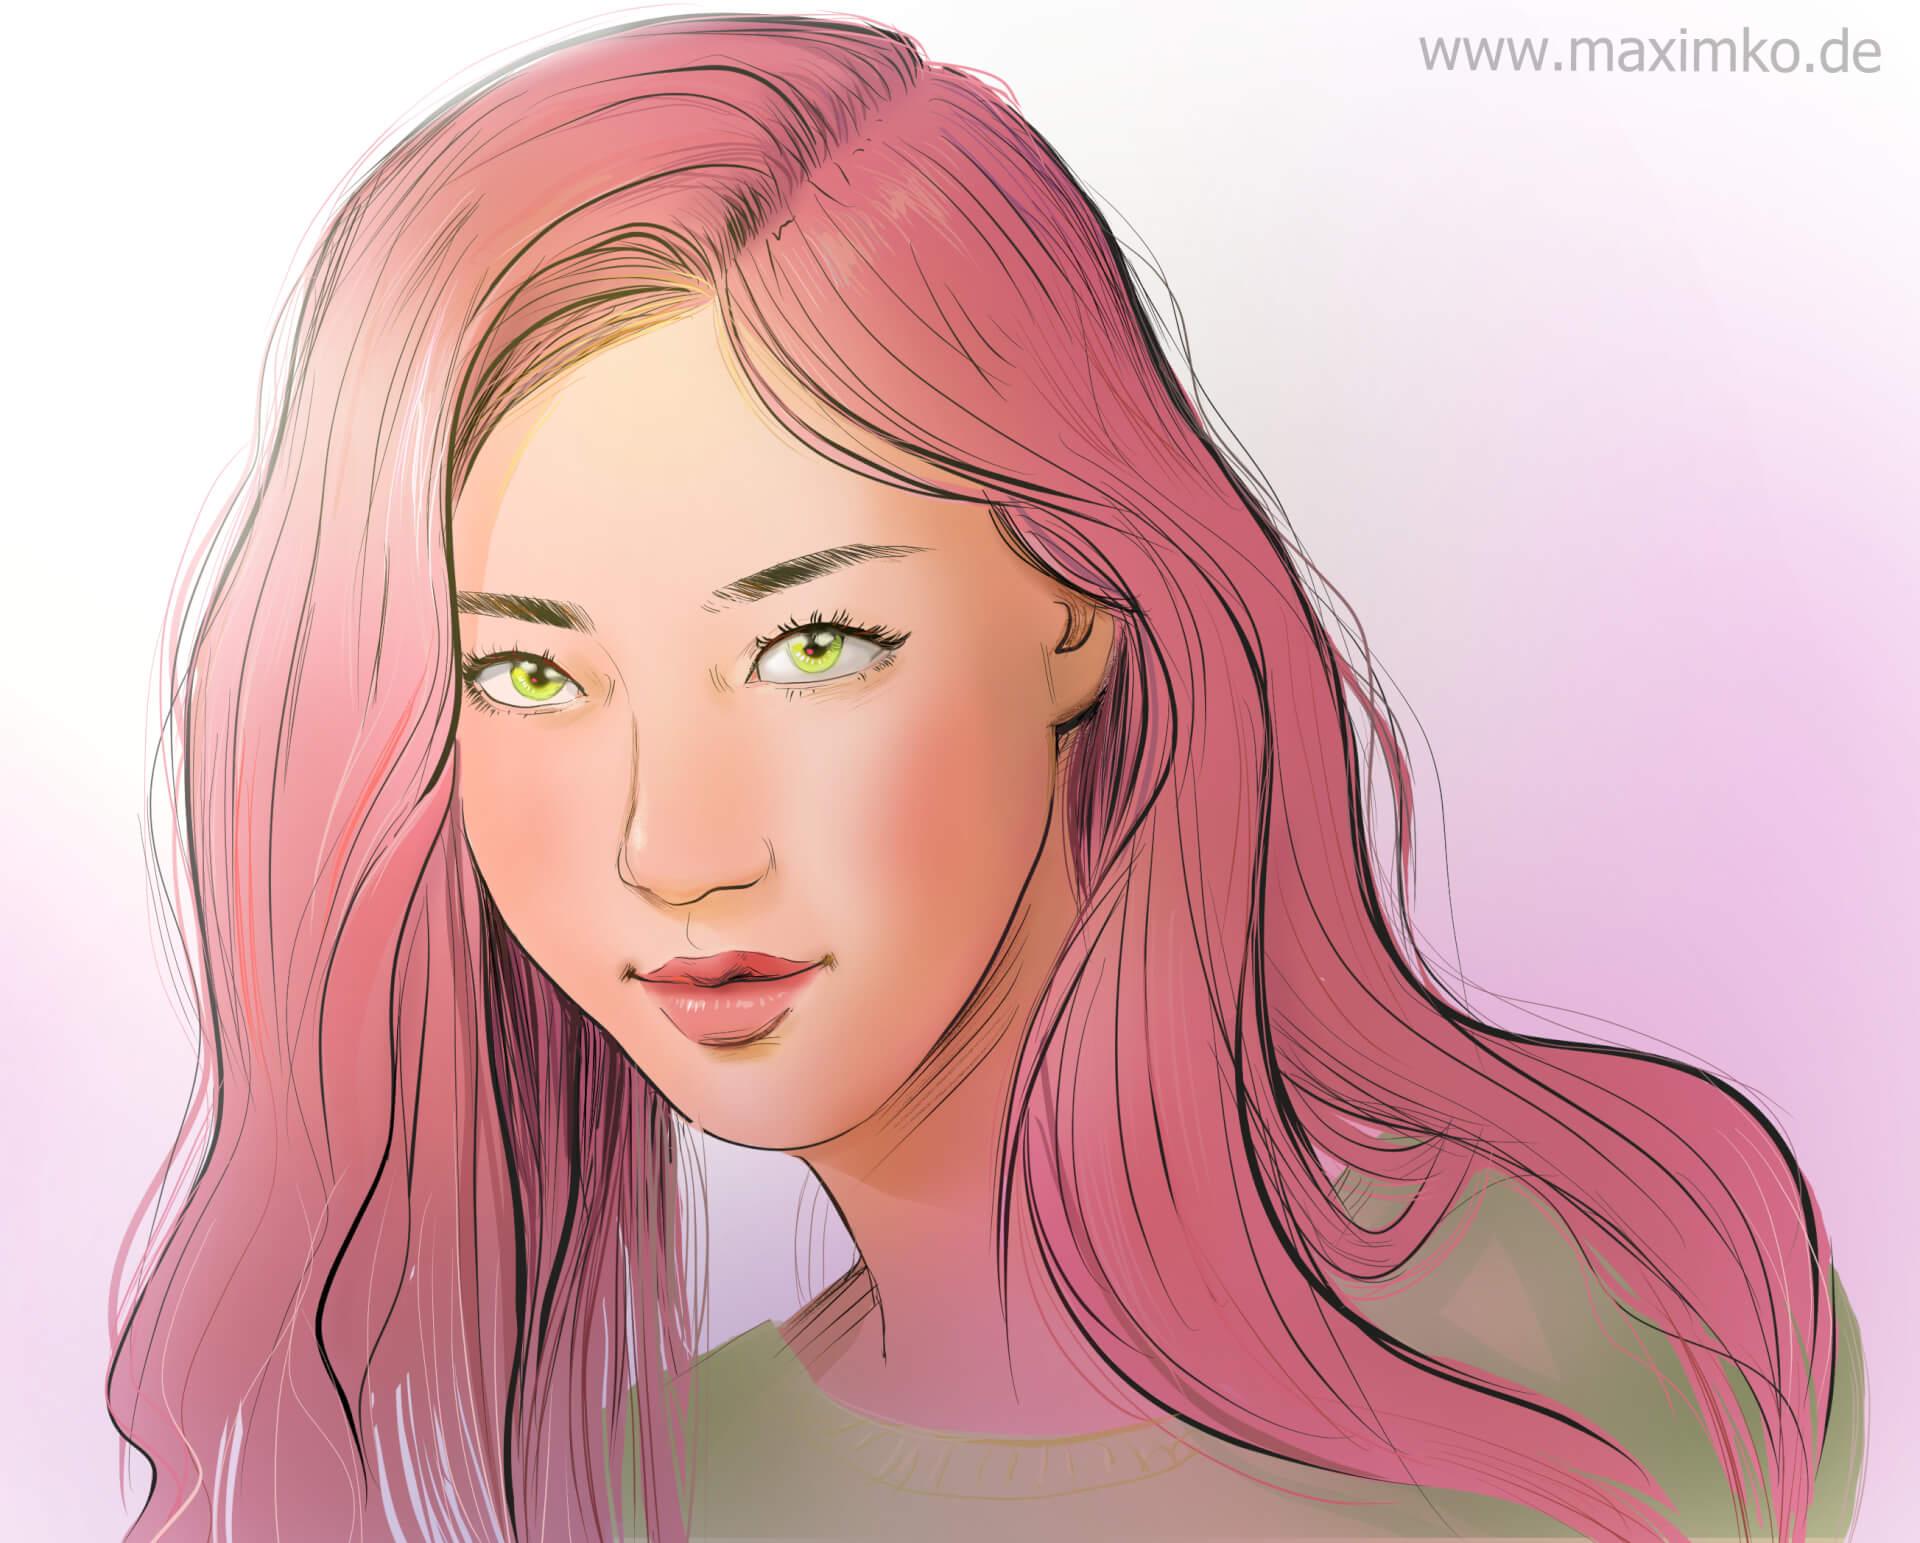 k pop idol zeichnen lernen irene red velvet beautiful girl art online koreansiches asiatisches mädchen zeichnung digital illustration hübsch tutorial blaue haare rote lippen maximko